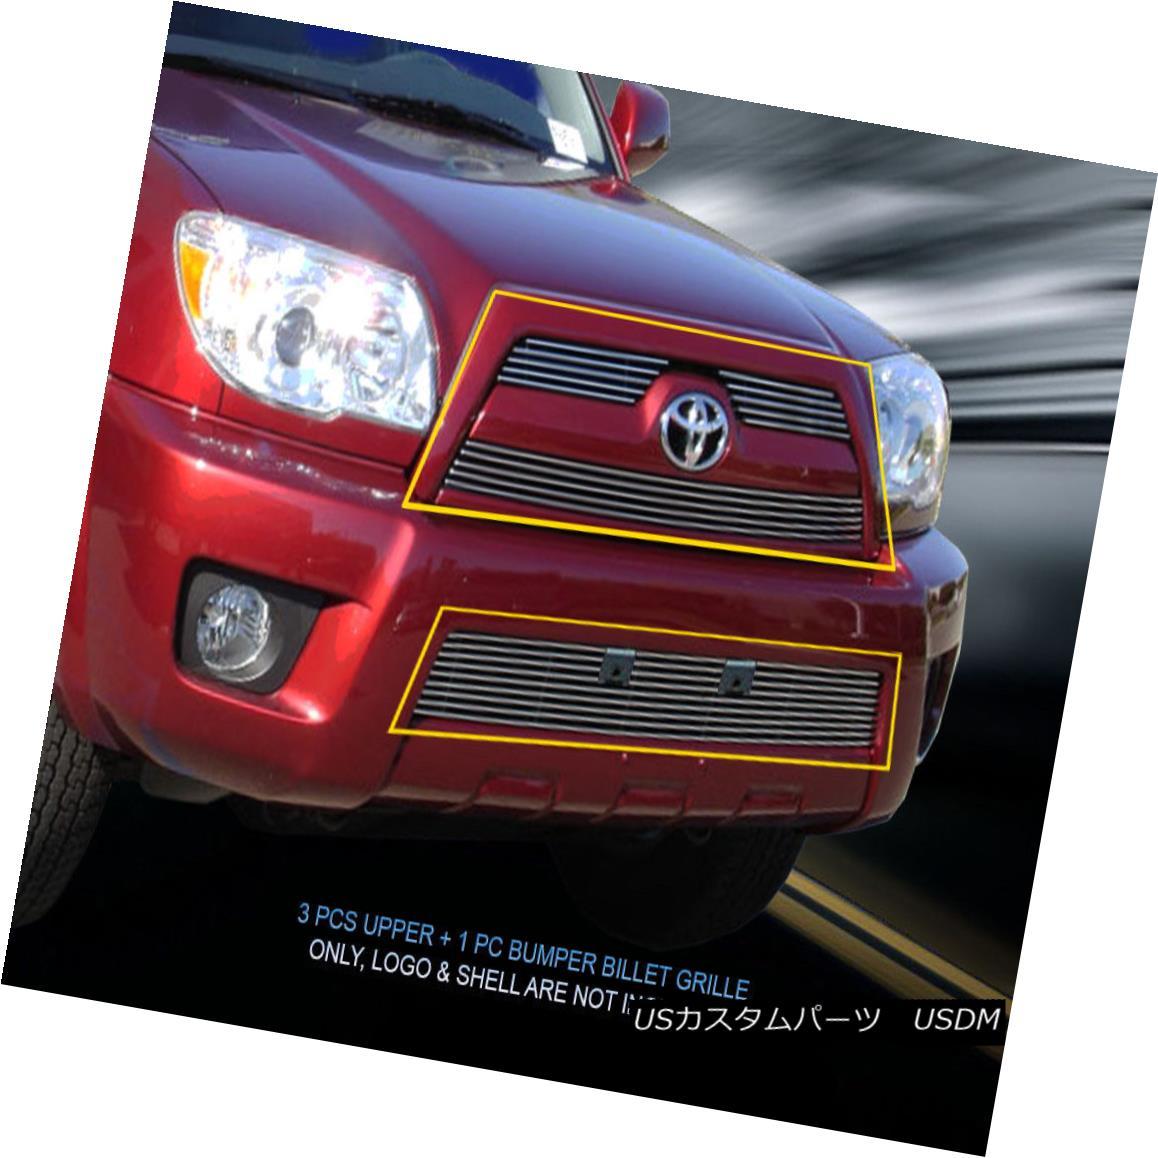 グリル Fedar Fits 2006-2009 Toyota 4Runner Polished Billet Grille Combo Fedarは2006-2009トヨタ4Runnerポリッシュビレットグリルコンボフィット